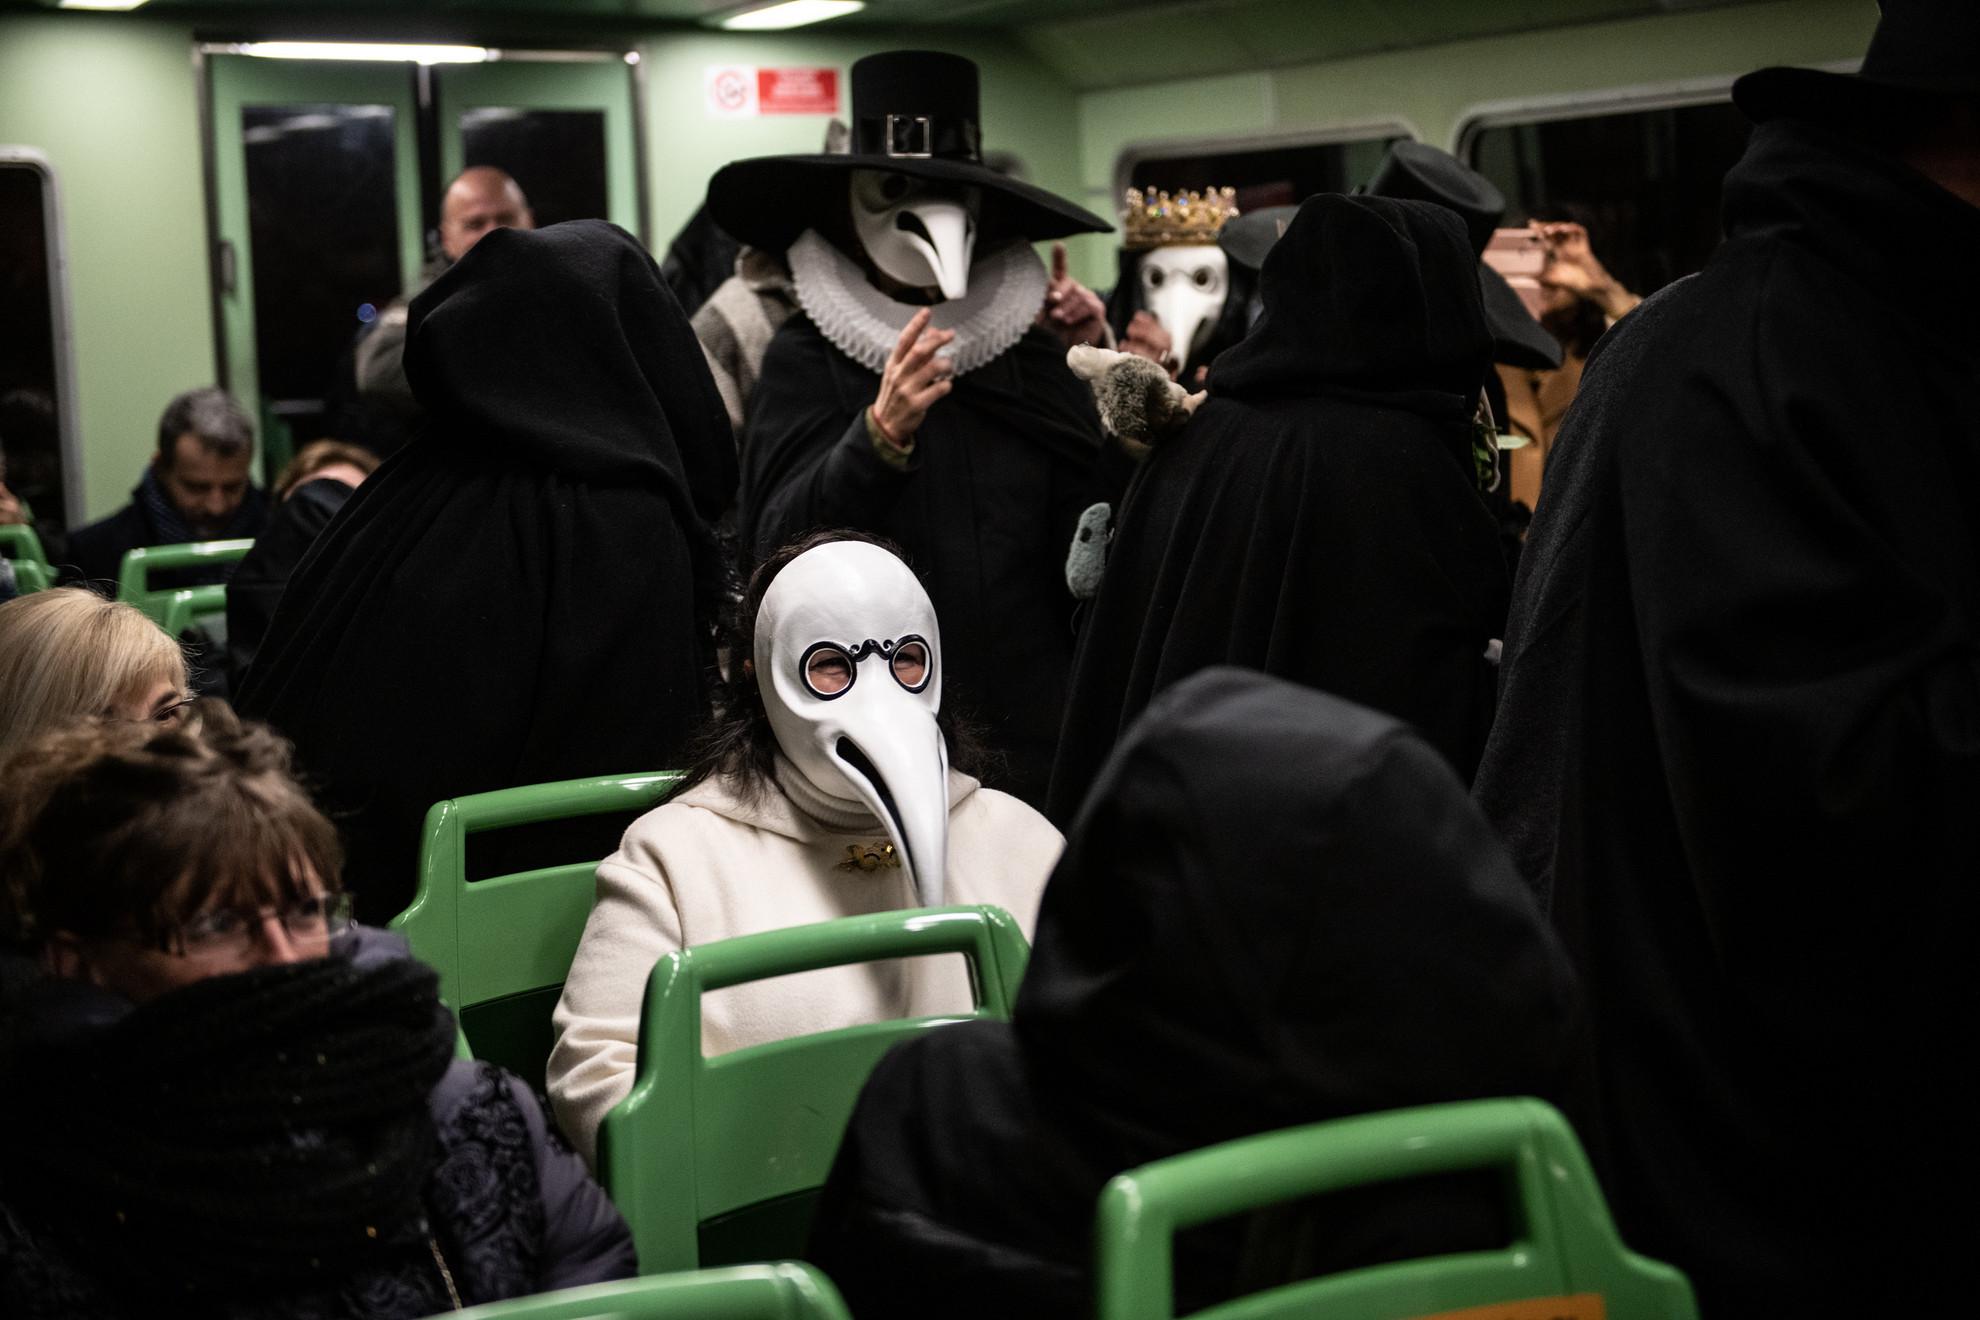 Pestisdoktornak öltözött bálozók utaznak tömegközlekedéssel a velencei karnevál vége előtt